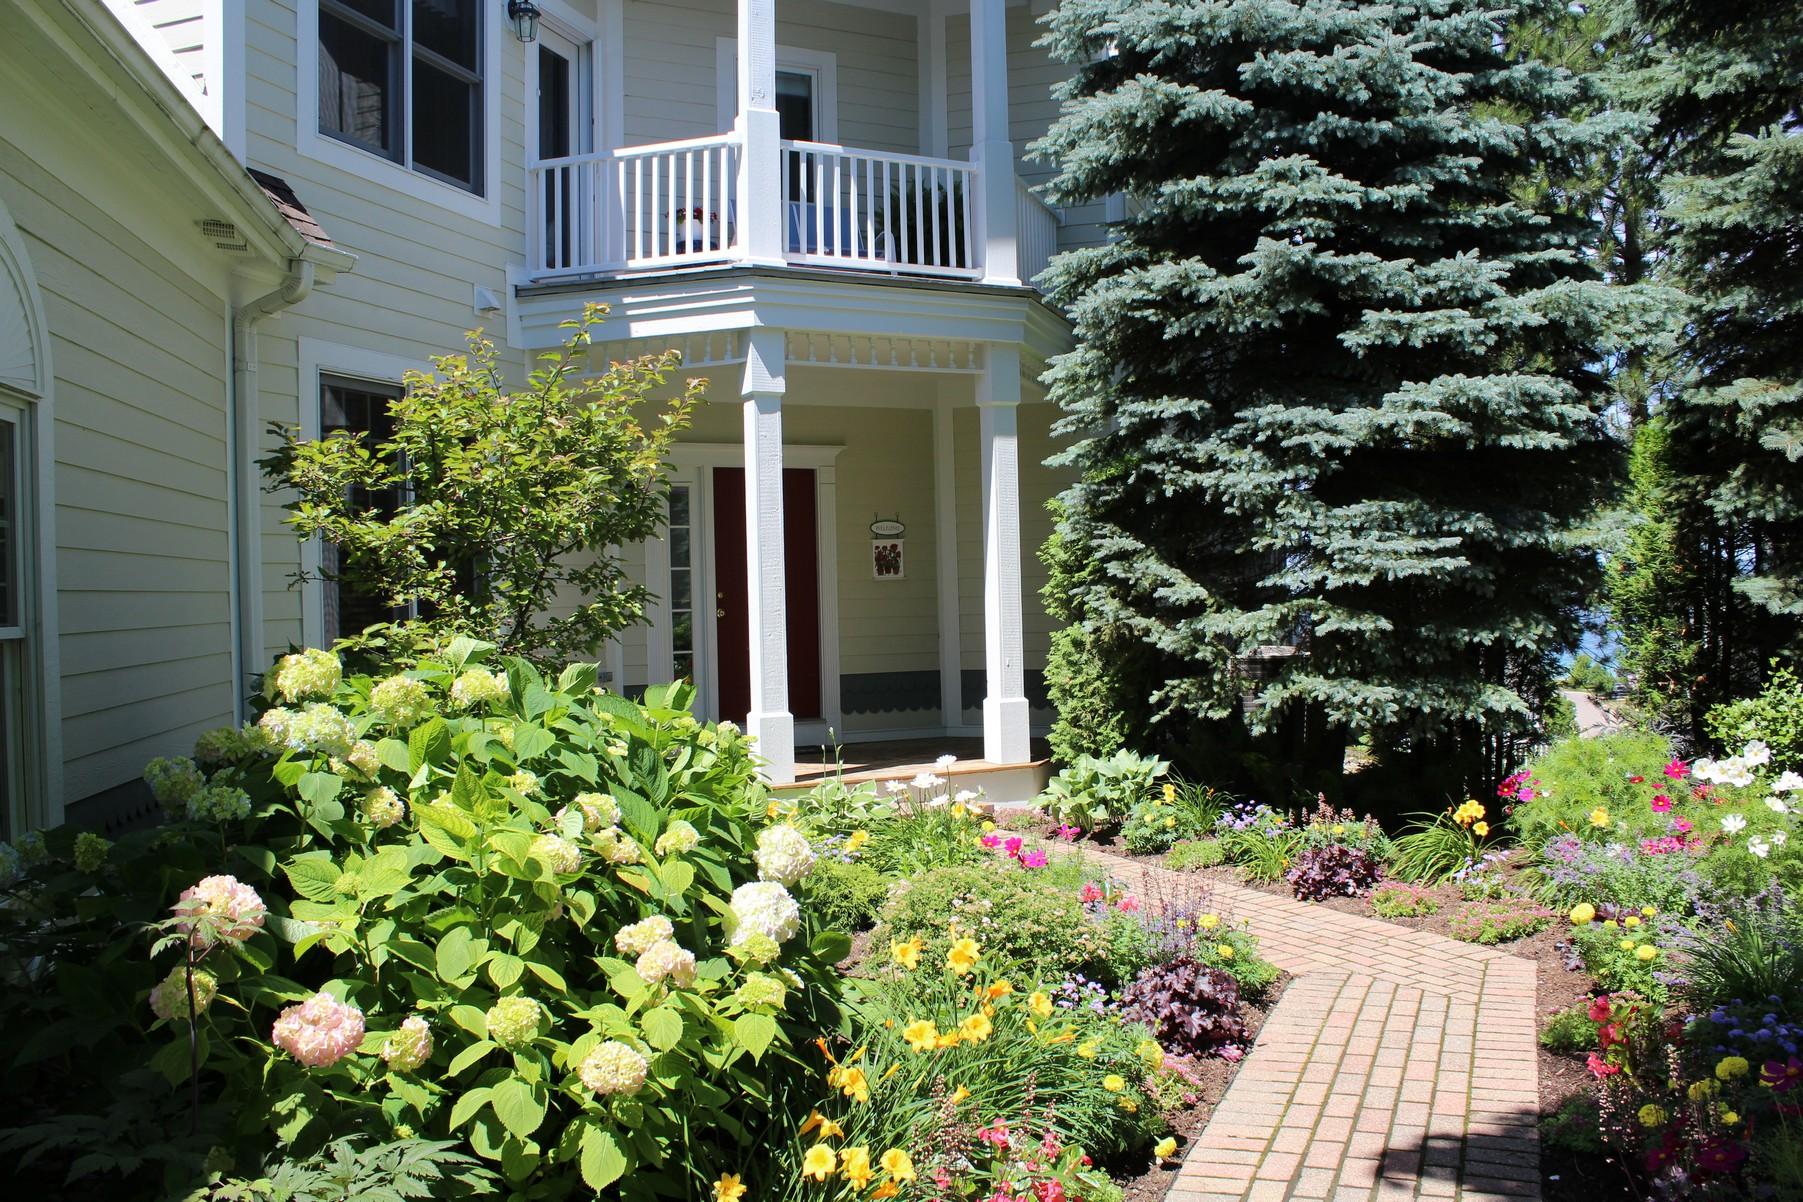 Eigentumswohnung für Verkauf beim Cliffs at Bay Harbor Spacious turn-key condominium 3680 Cliffs Drive Bay Harbor, Michigan, 49770 Vereinigte Staaten